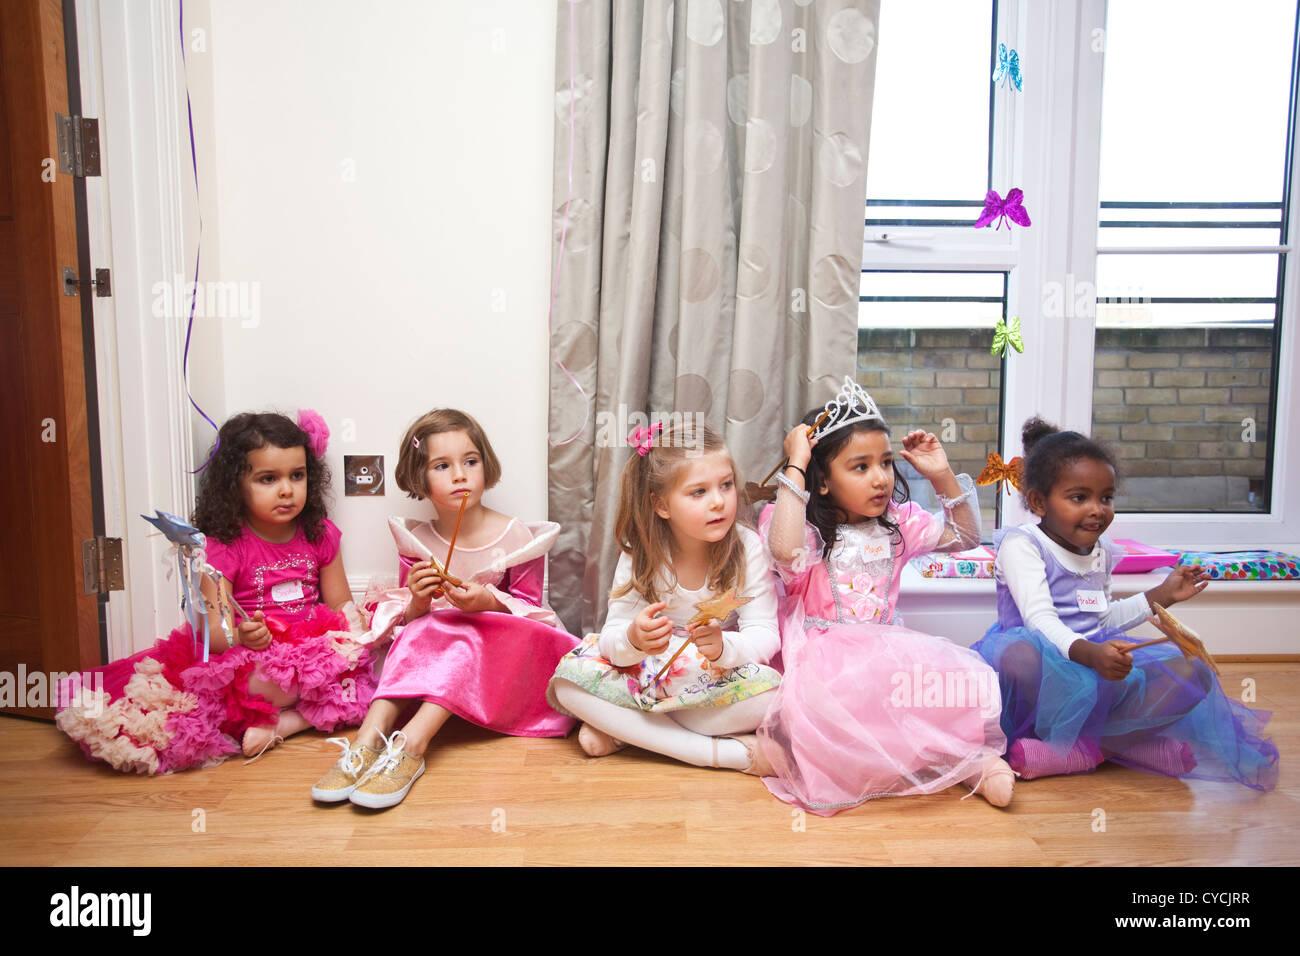 5 Jahre gekleidet Mädchen Geburtstagsparty alle wie Party-Kleidung ...